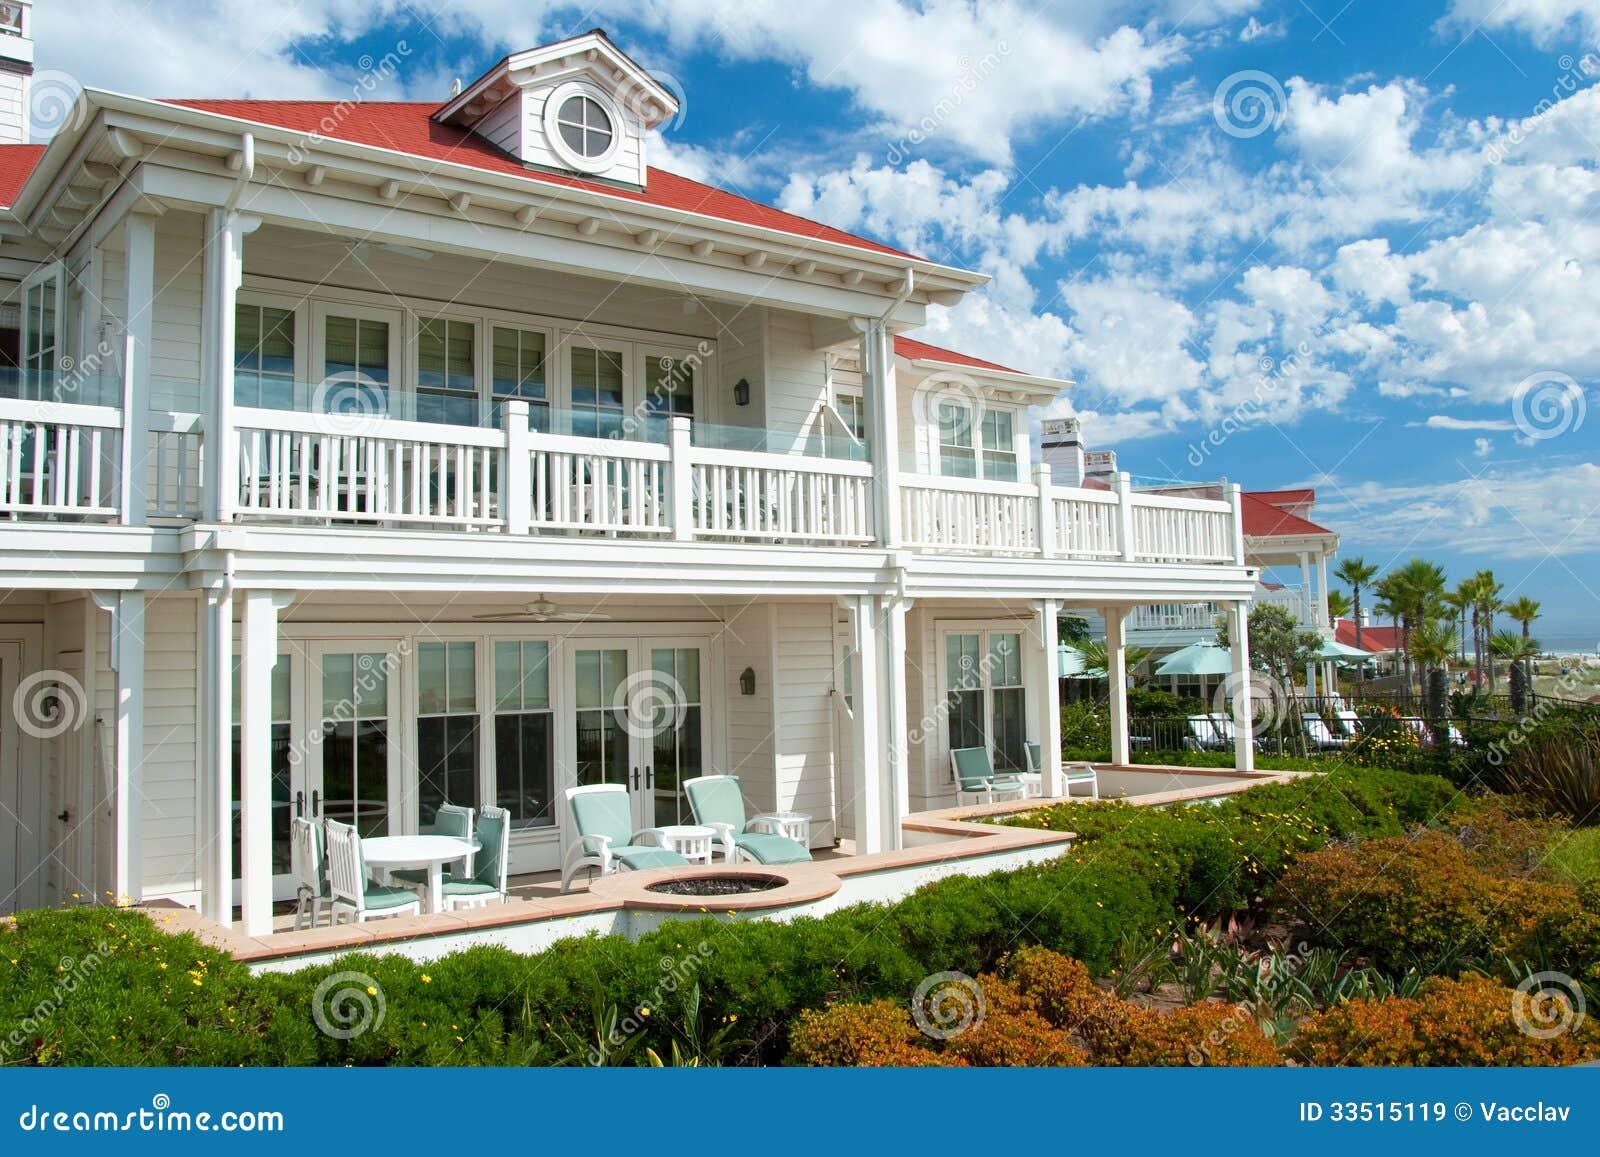 Cheap de droits maison d t photos plan de maison de luxe moderne with plan de maison de luxe moderne Maison de luxe moderne